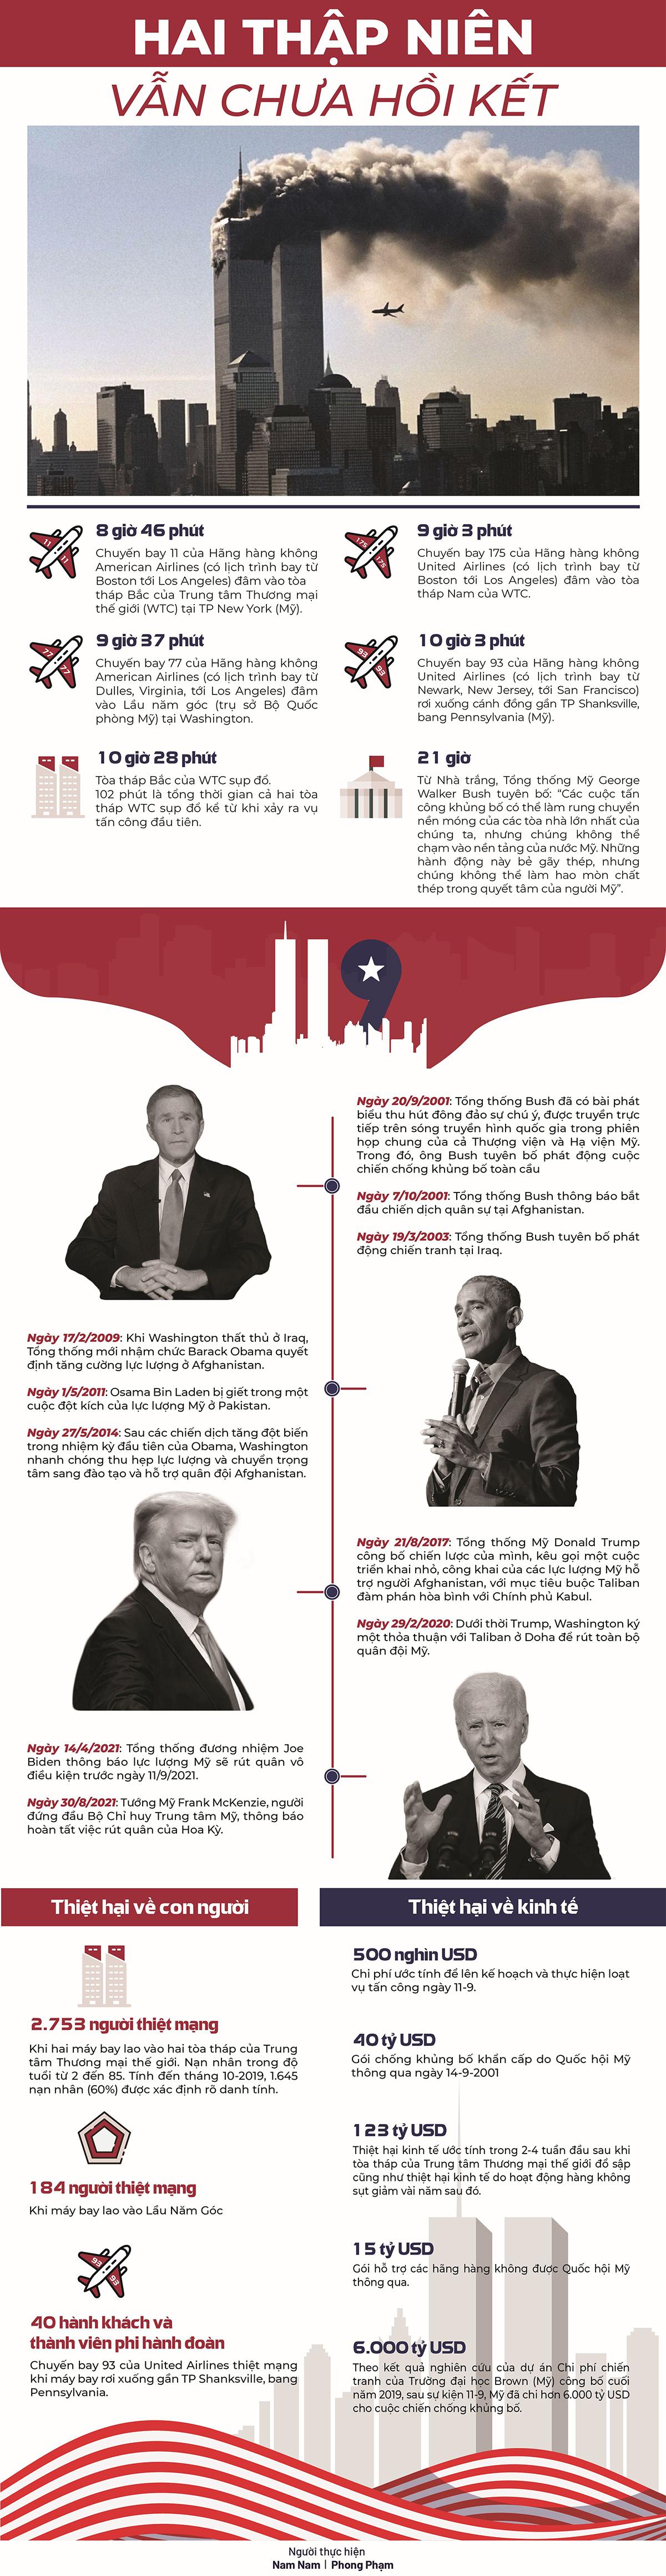 {Infographic} Hai thập niên vẫn chưa hồi kết -0